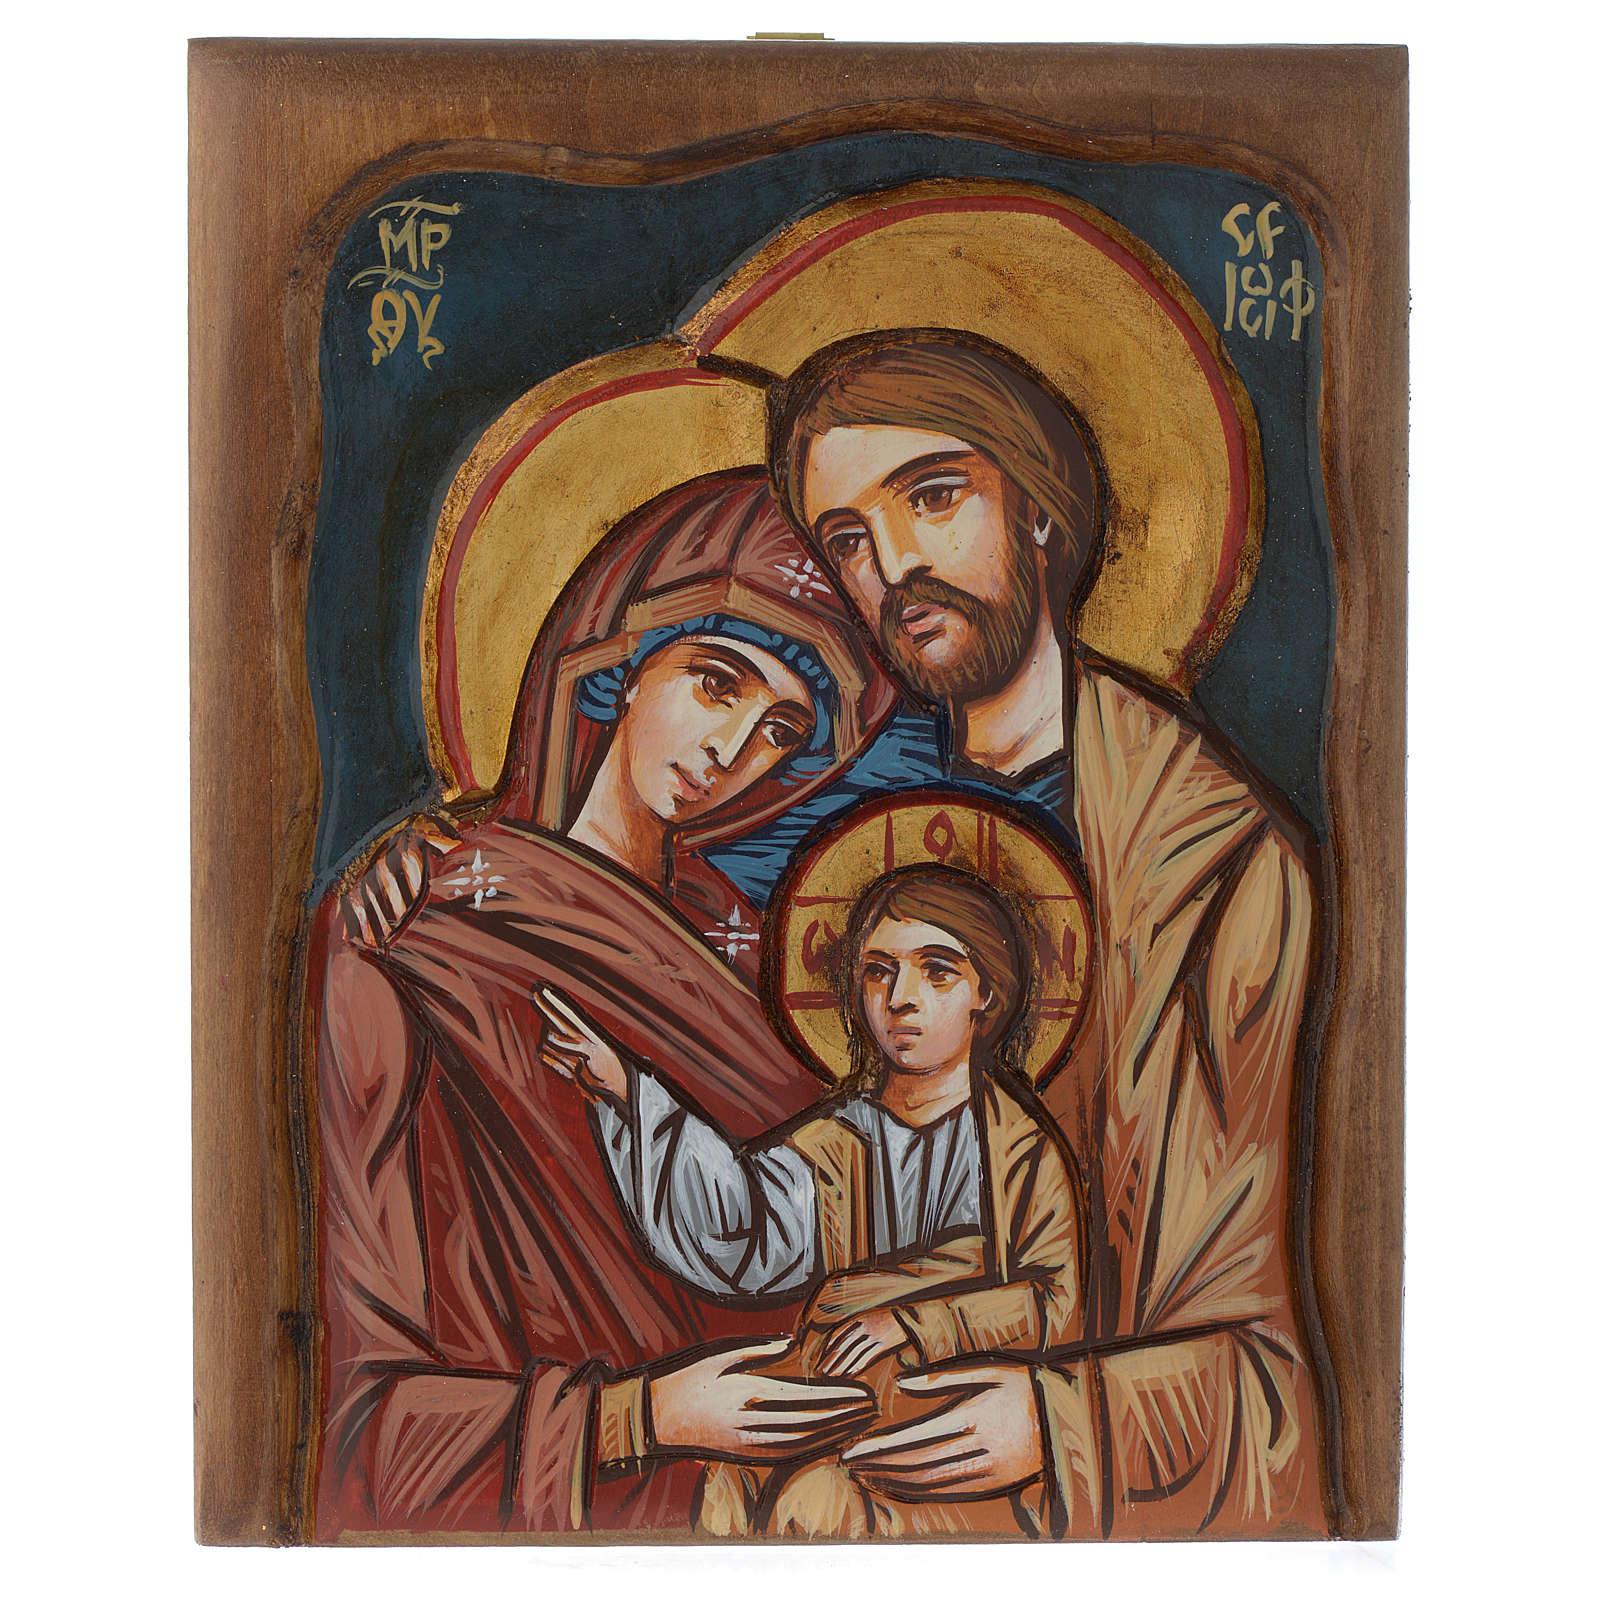 Ikona świętej Rodziny Z Rumunii Sprzedaż Online Na Holyart